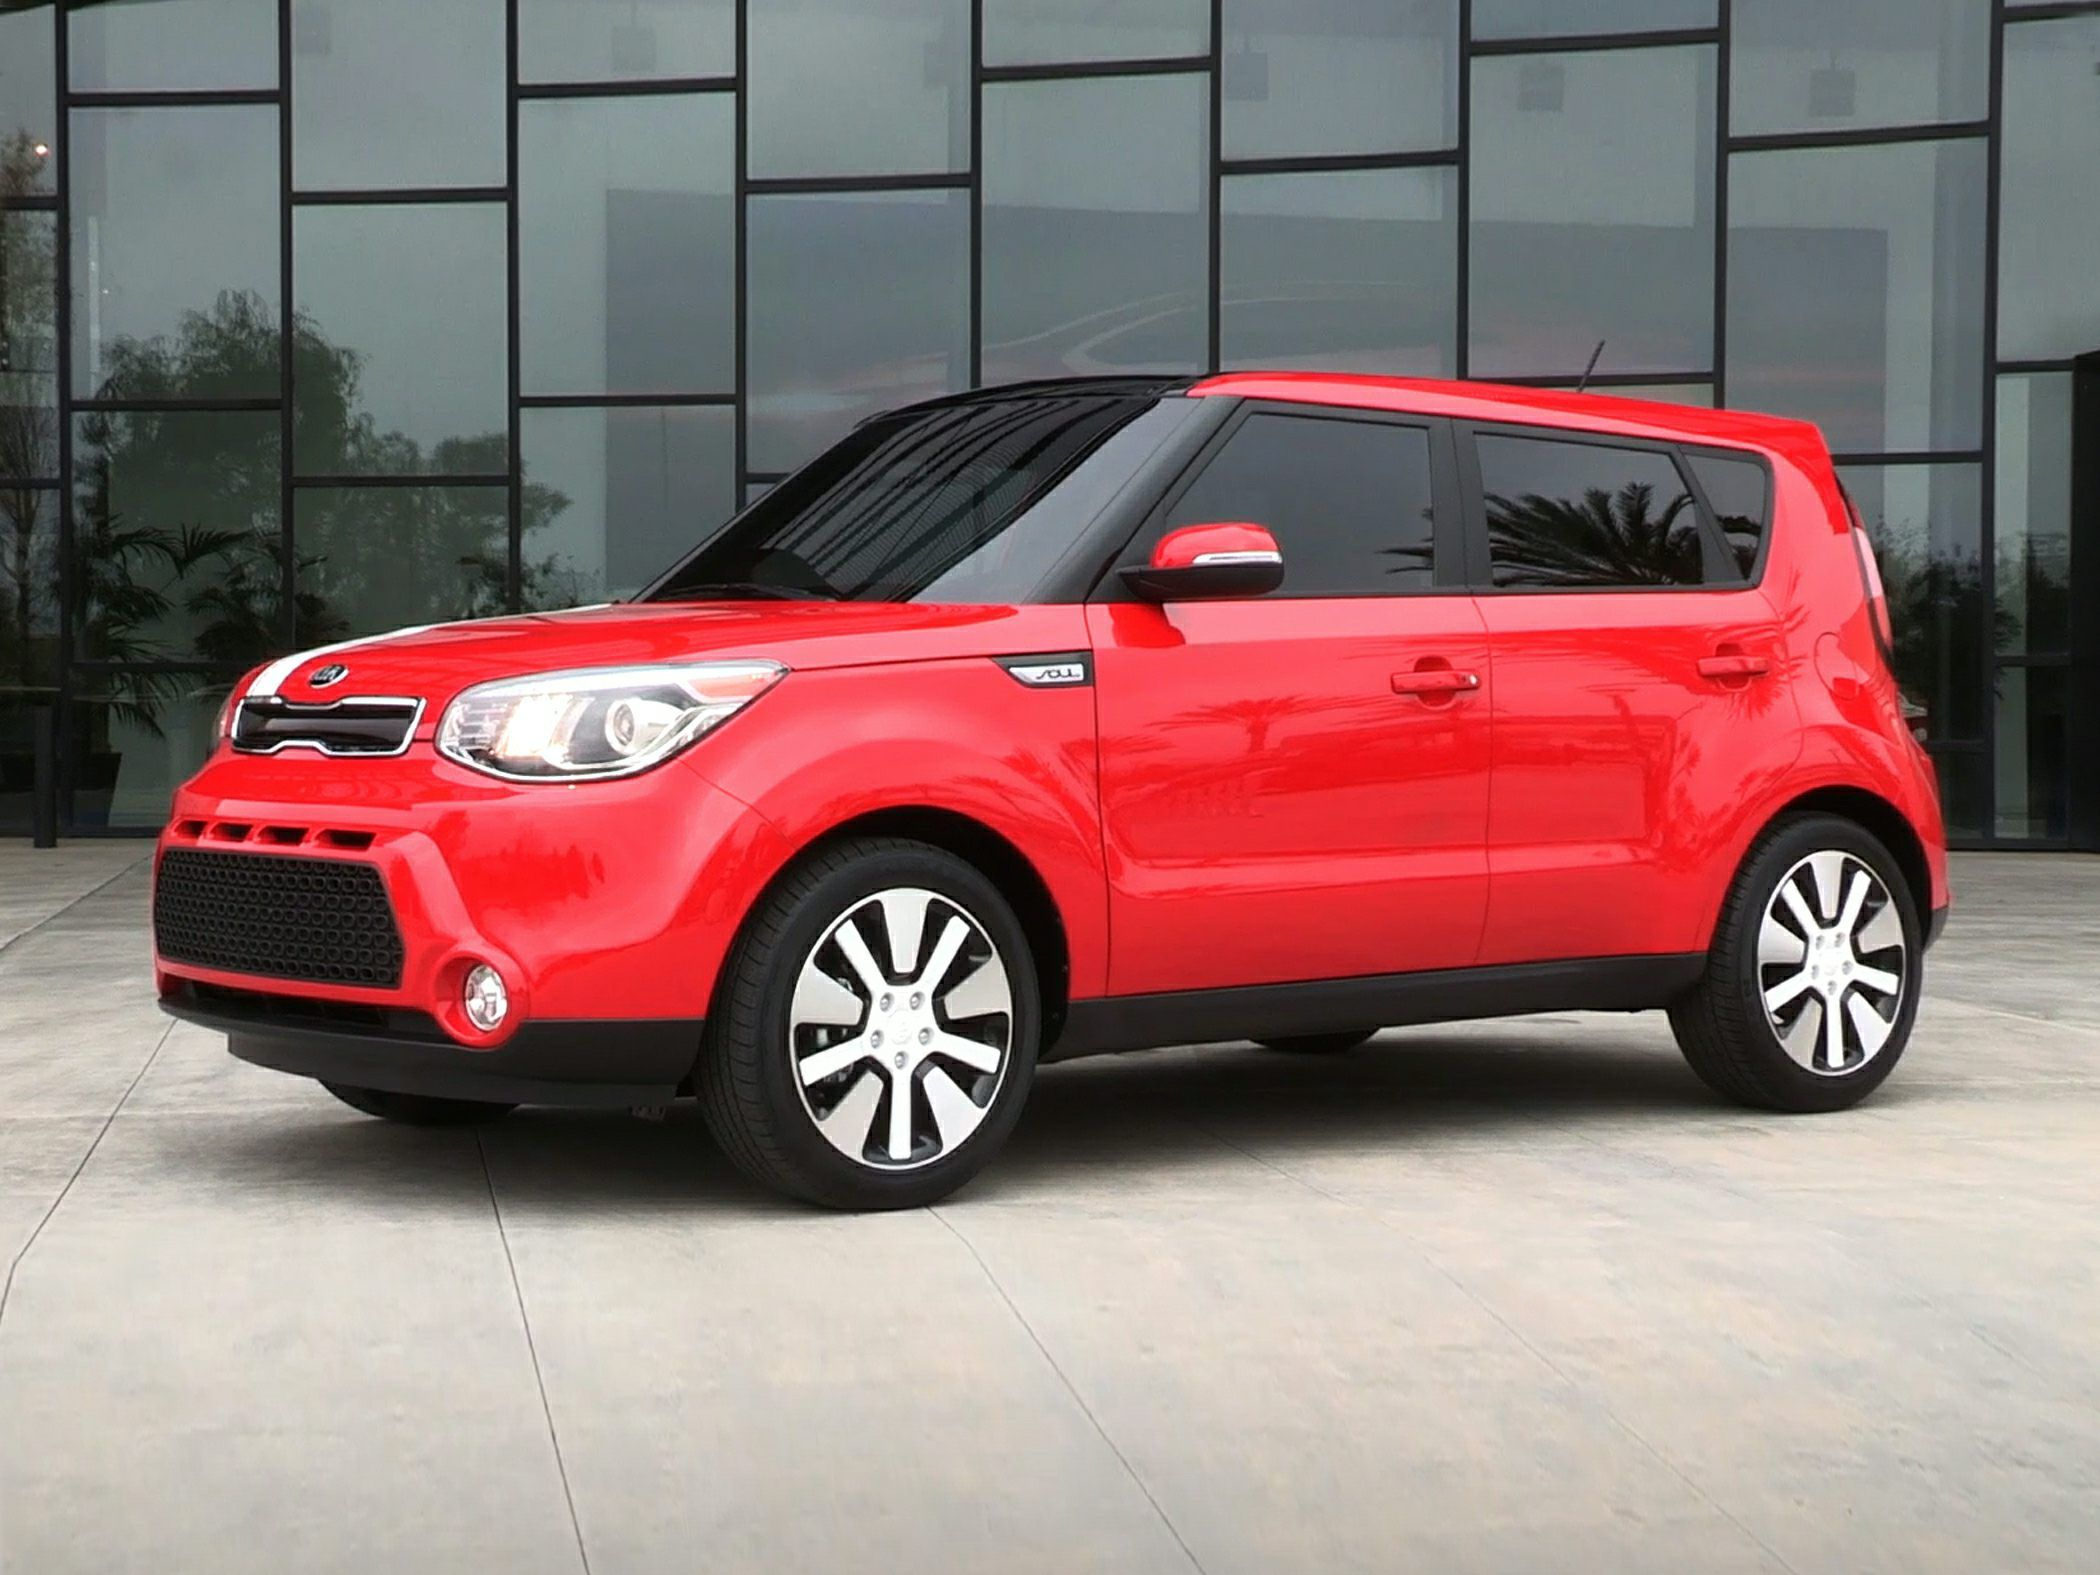 2015 Kia Soul EV Red Colors